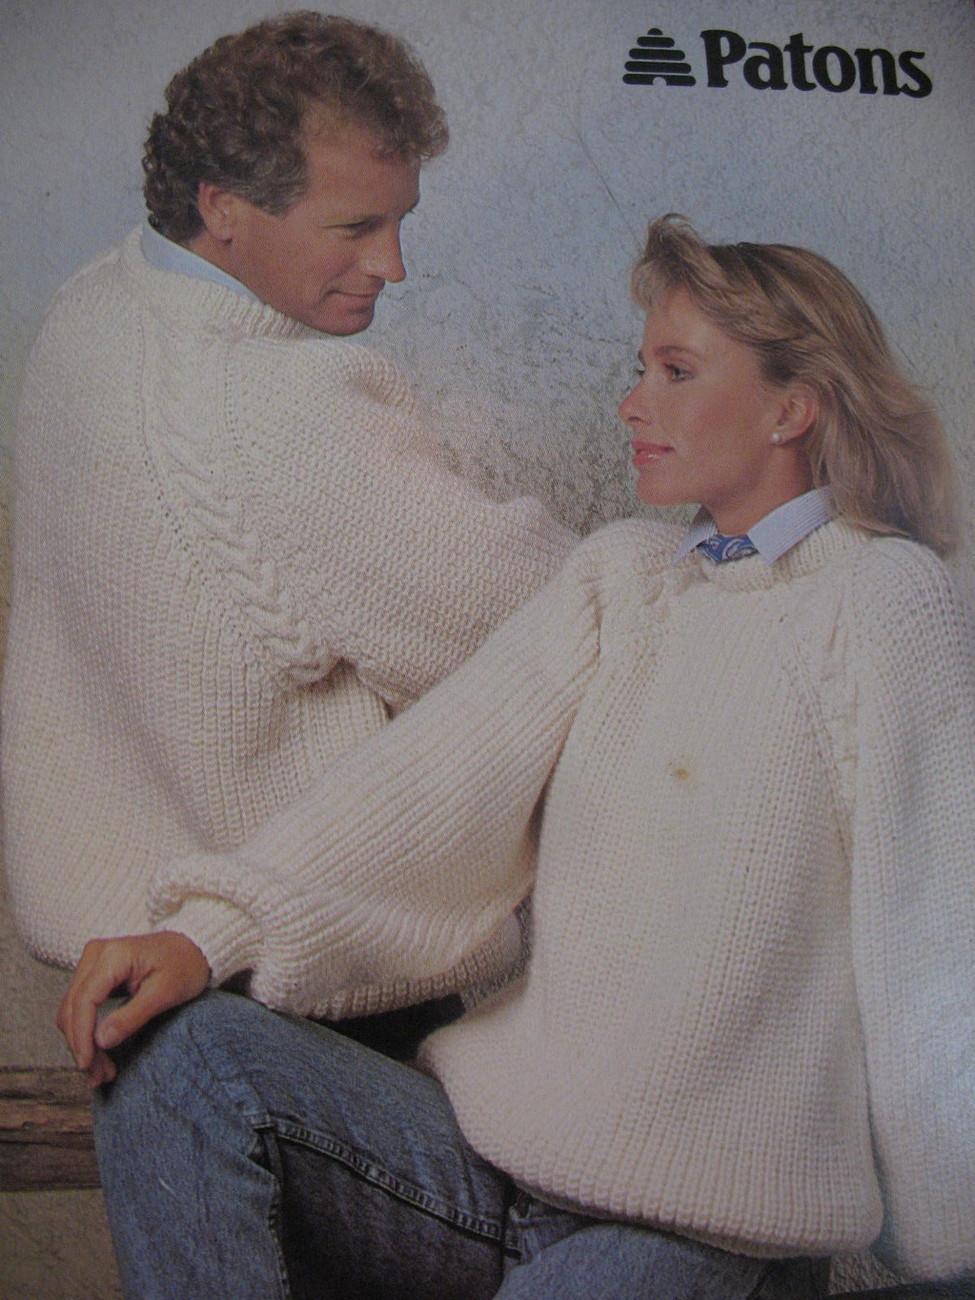 Patons Aran Style Fisherman Knit Knitting Patterns Sweaters  image 4